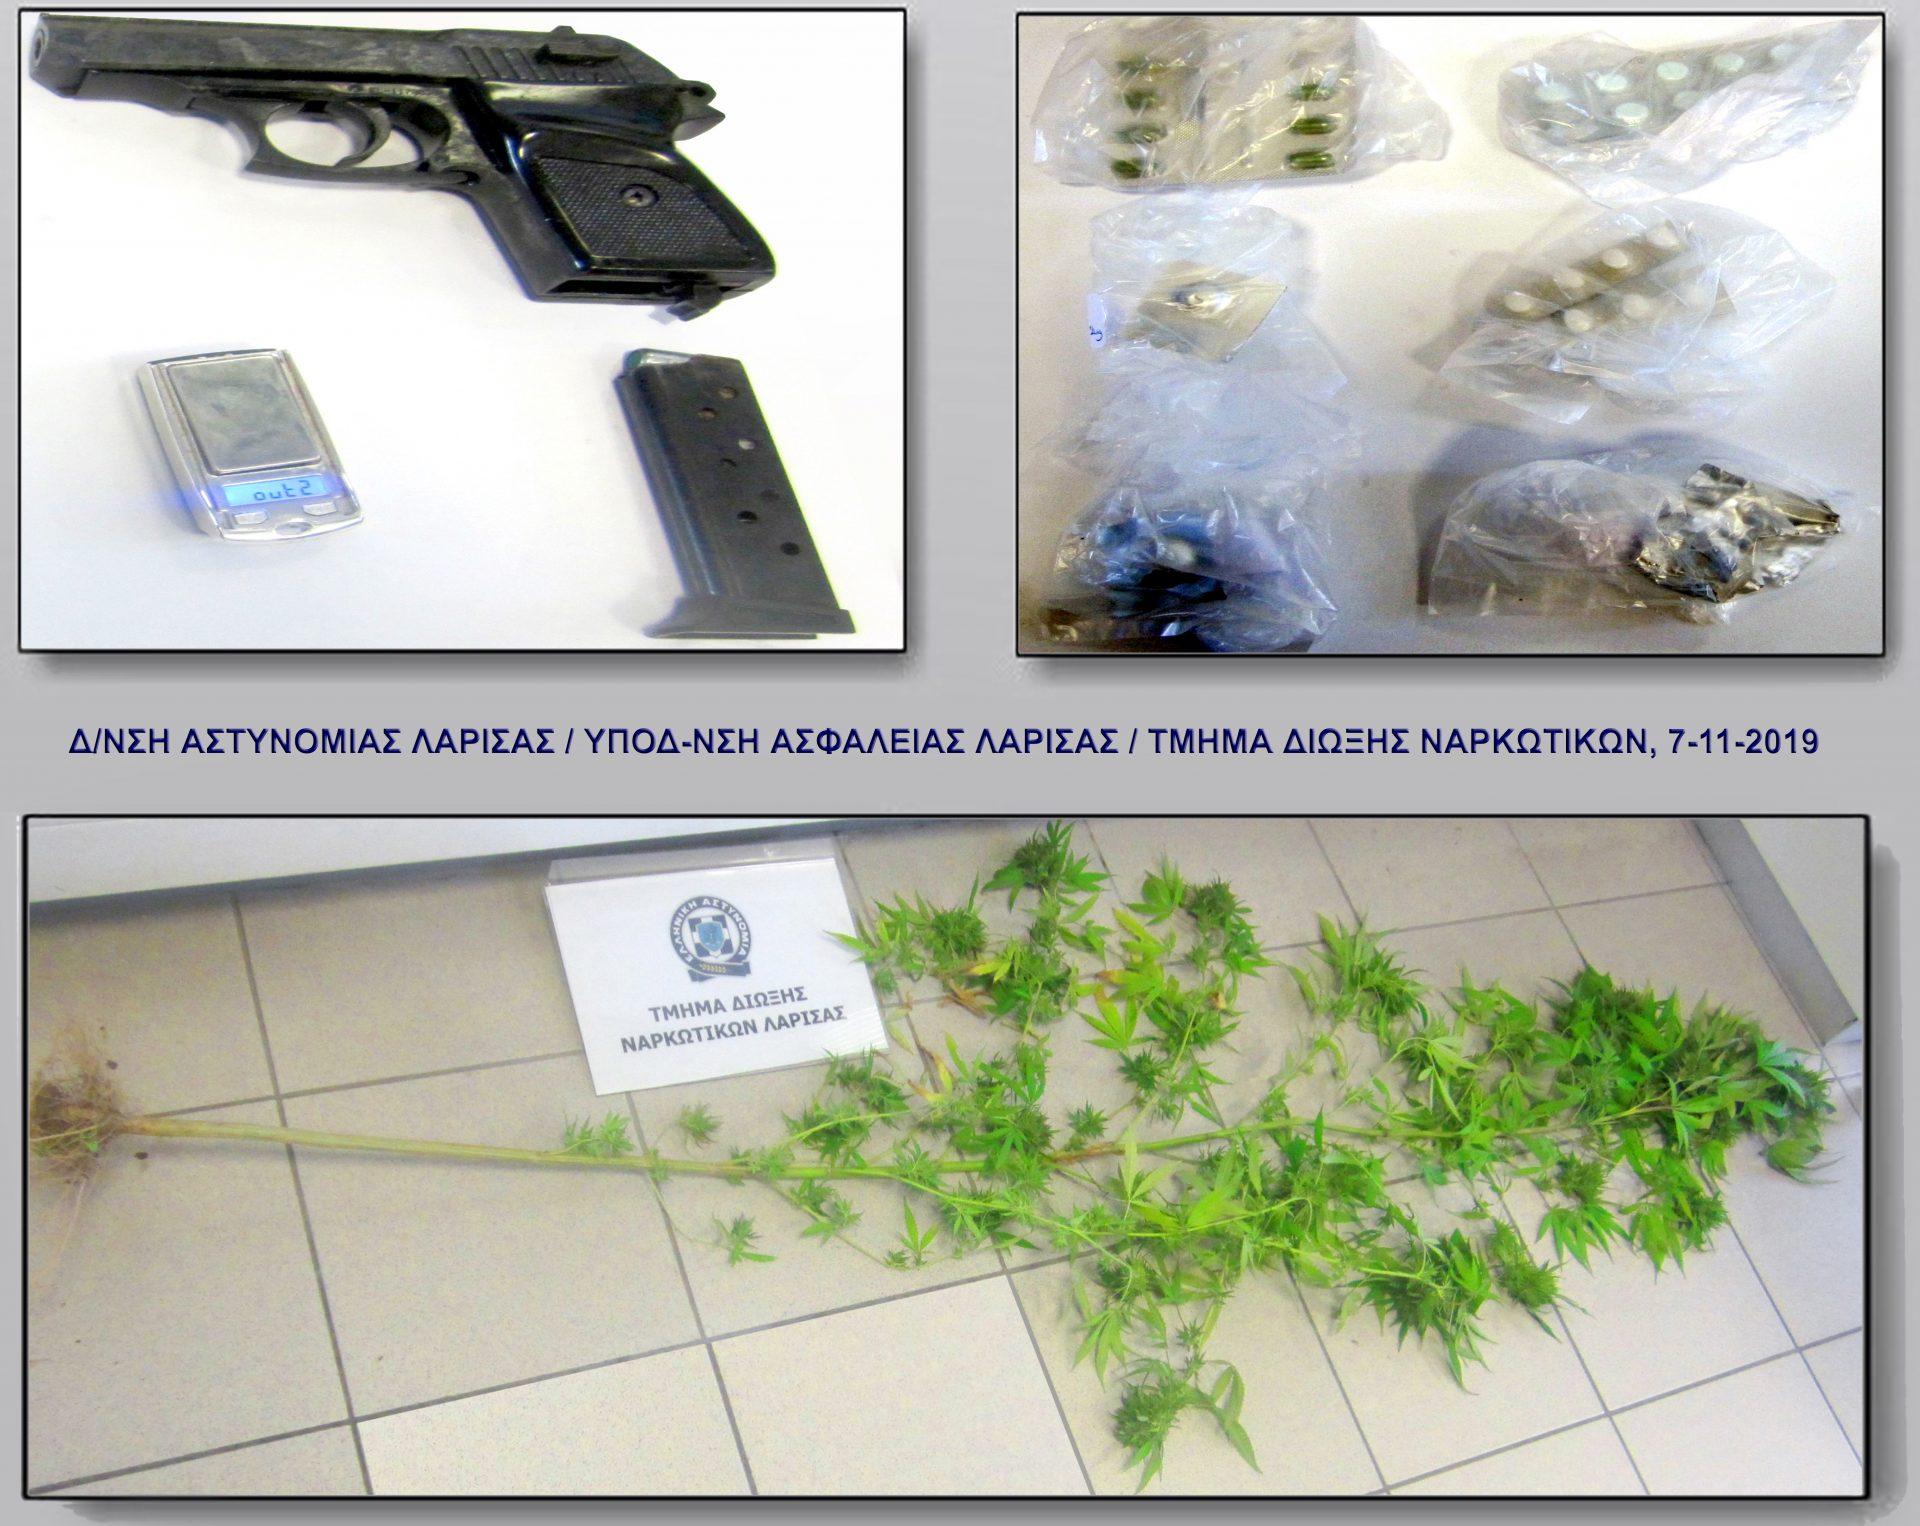 33χρονος Λαρισαίος έκρυβε στο σπίτι του πιστόλι και ναρκωτικά - ΦΩΤΟ